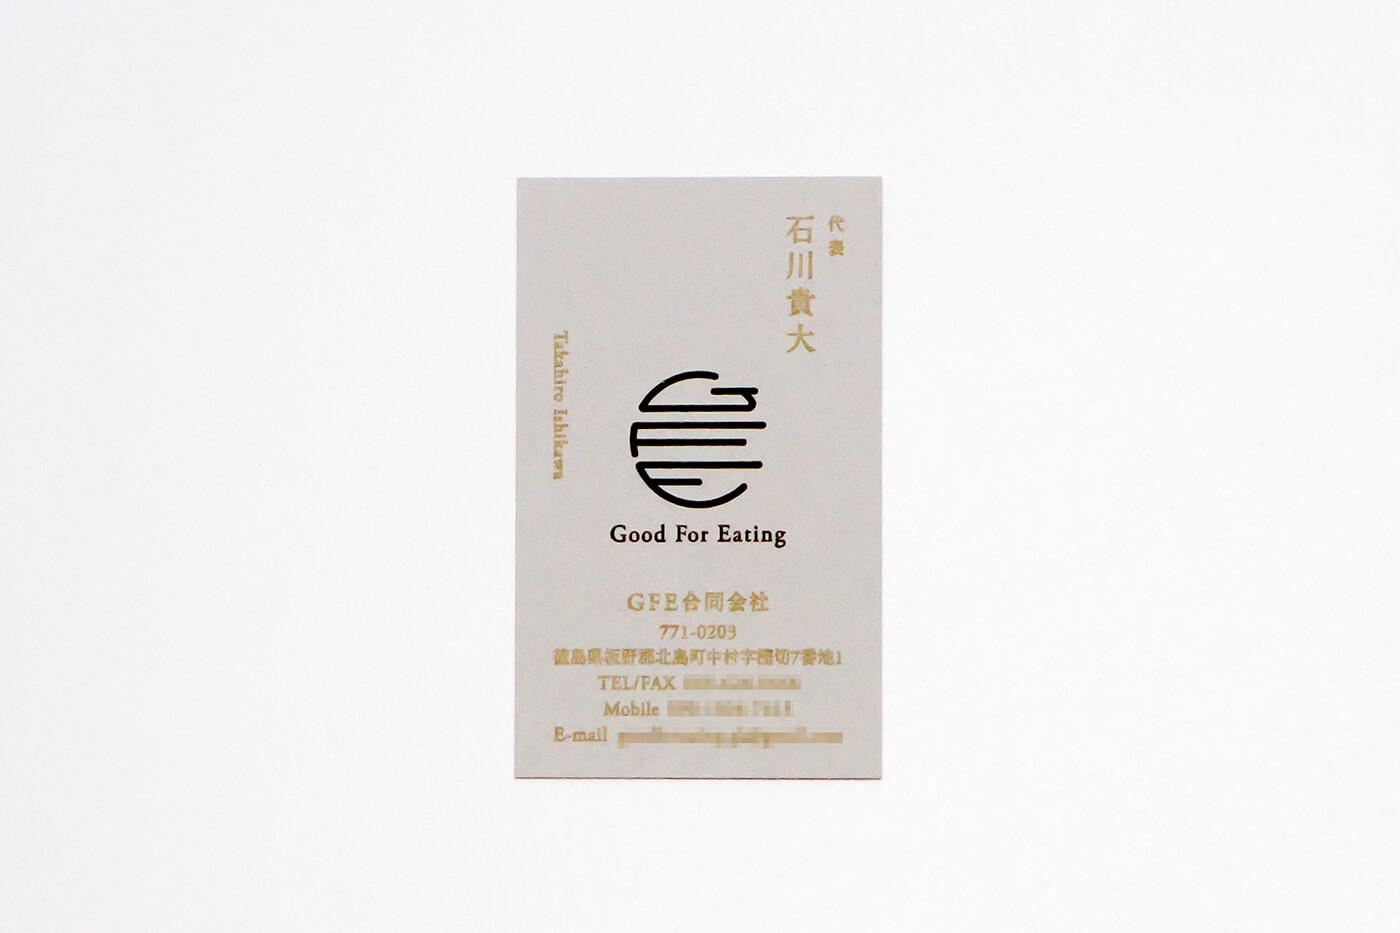 活版印刷の名刺デザイン